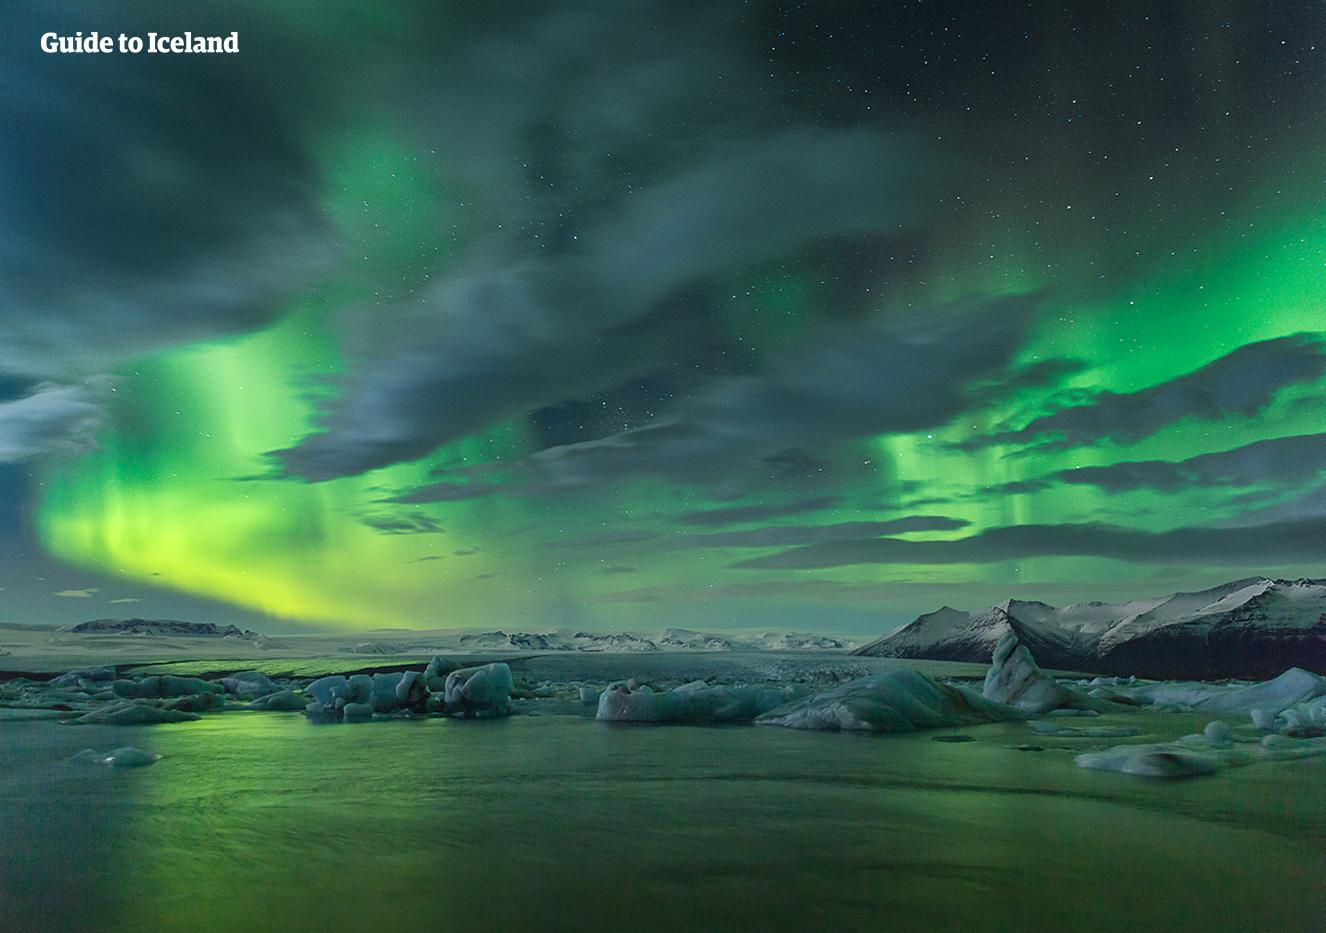 Aan de zuidkust van IJsland wemelt het van de fantastische natuurlijke bezienswaardigheden.